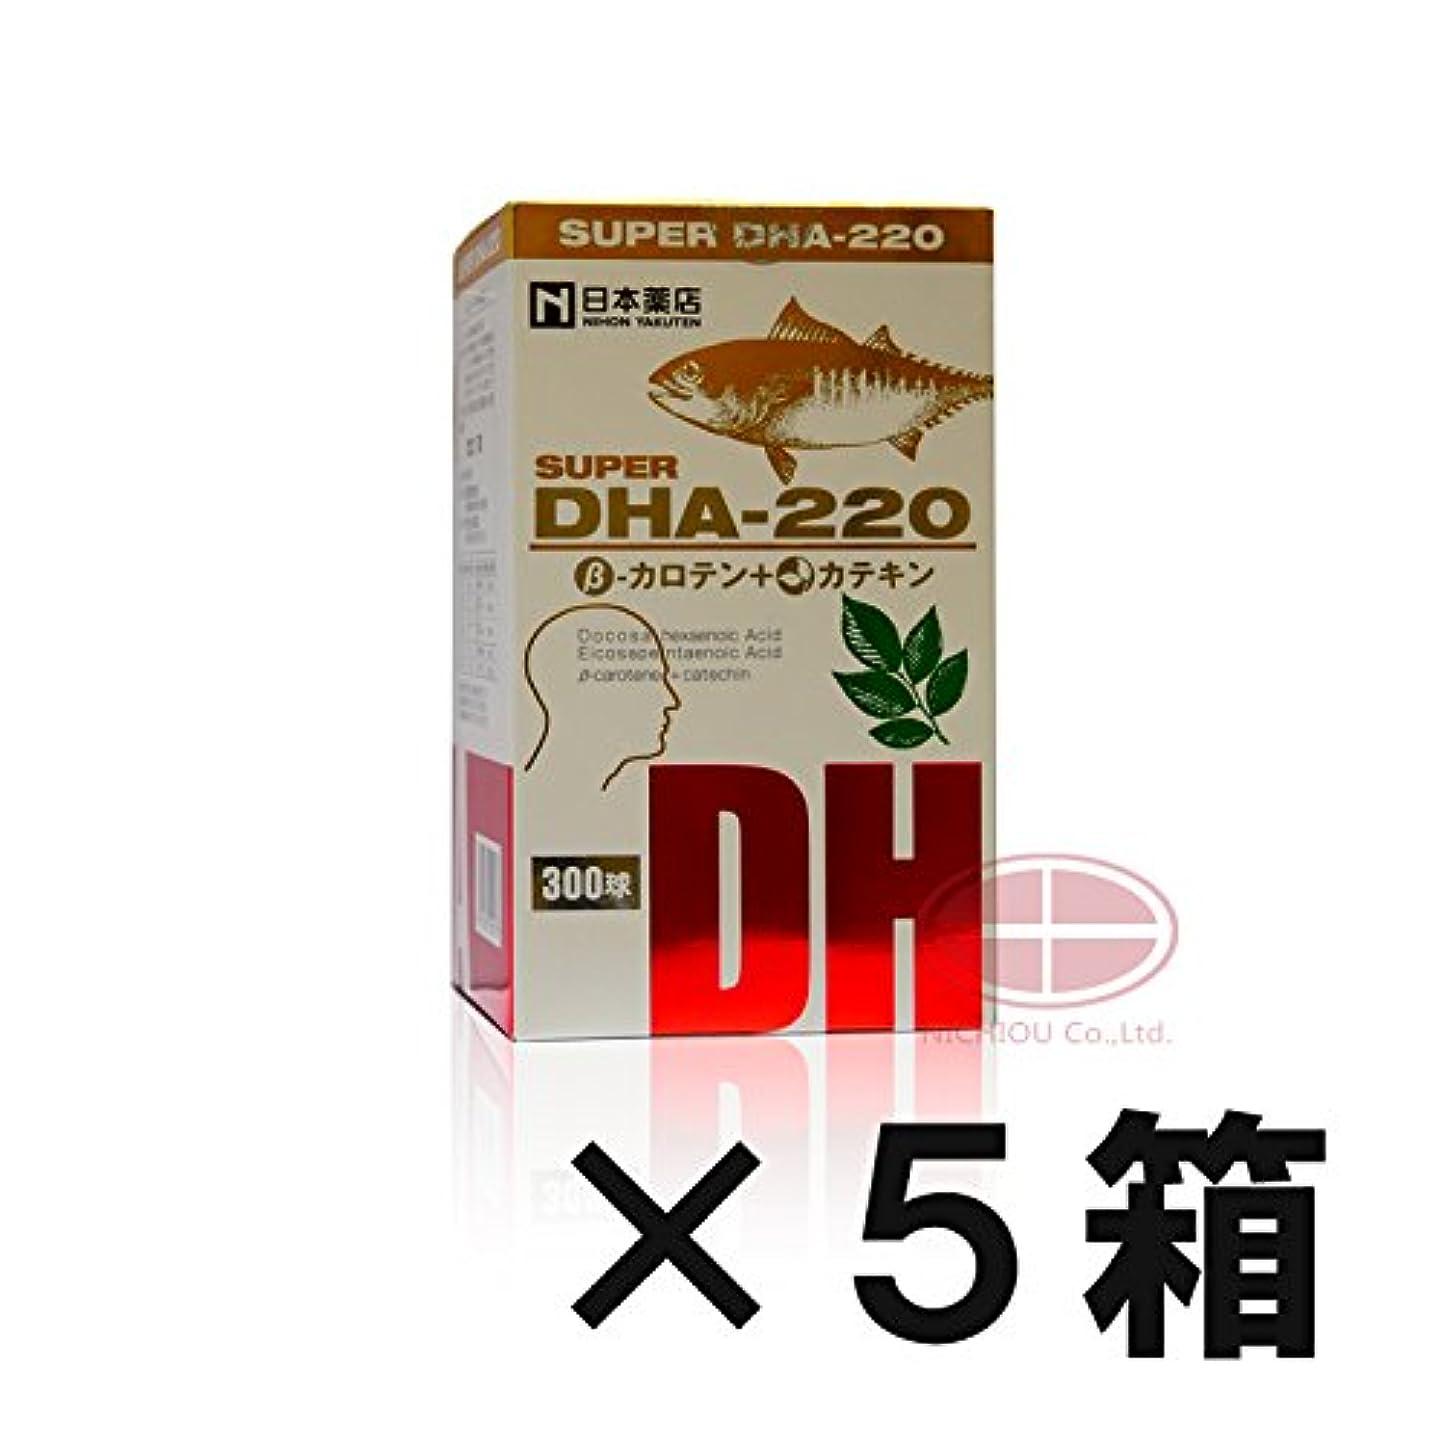 そんなに被害者ピグマリオン薬王製薬 スーパーDHA220 βカロテン+カテキン 300粒 (5)